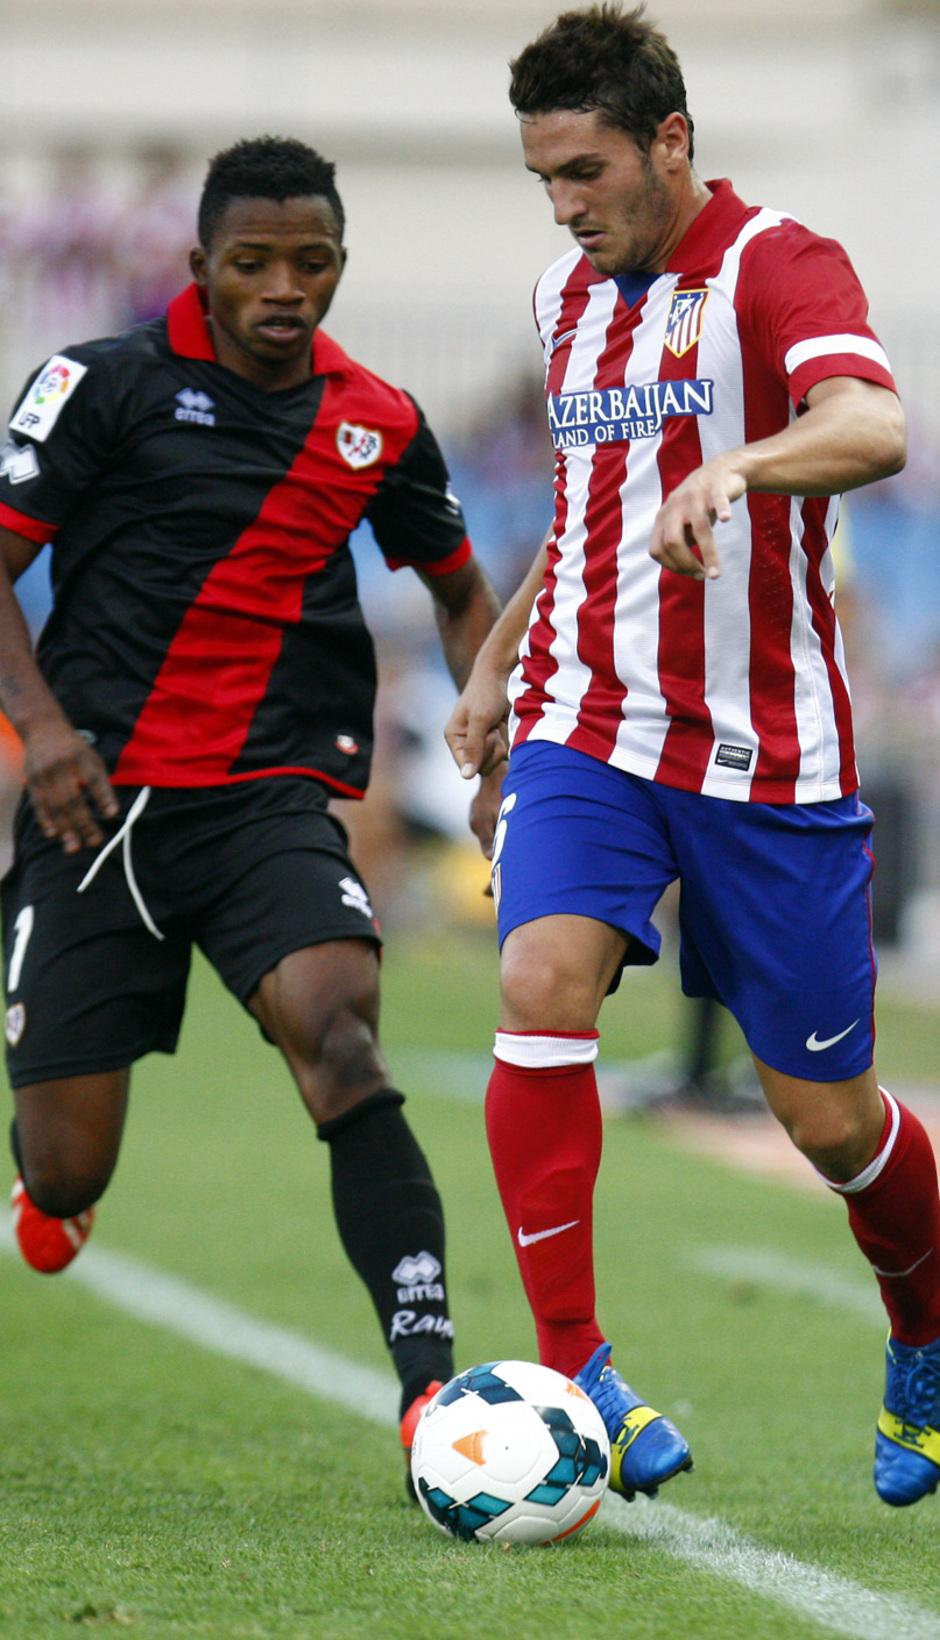 Temporada 13/14. Partido Atlético de Madrid- Rayo Vallecano. Koke con el balón